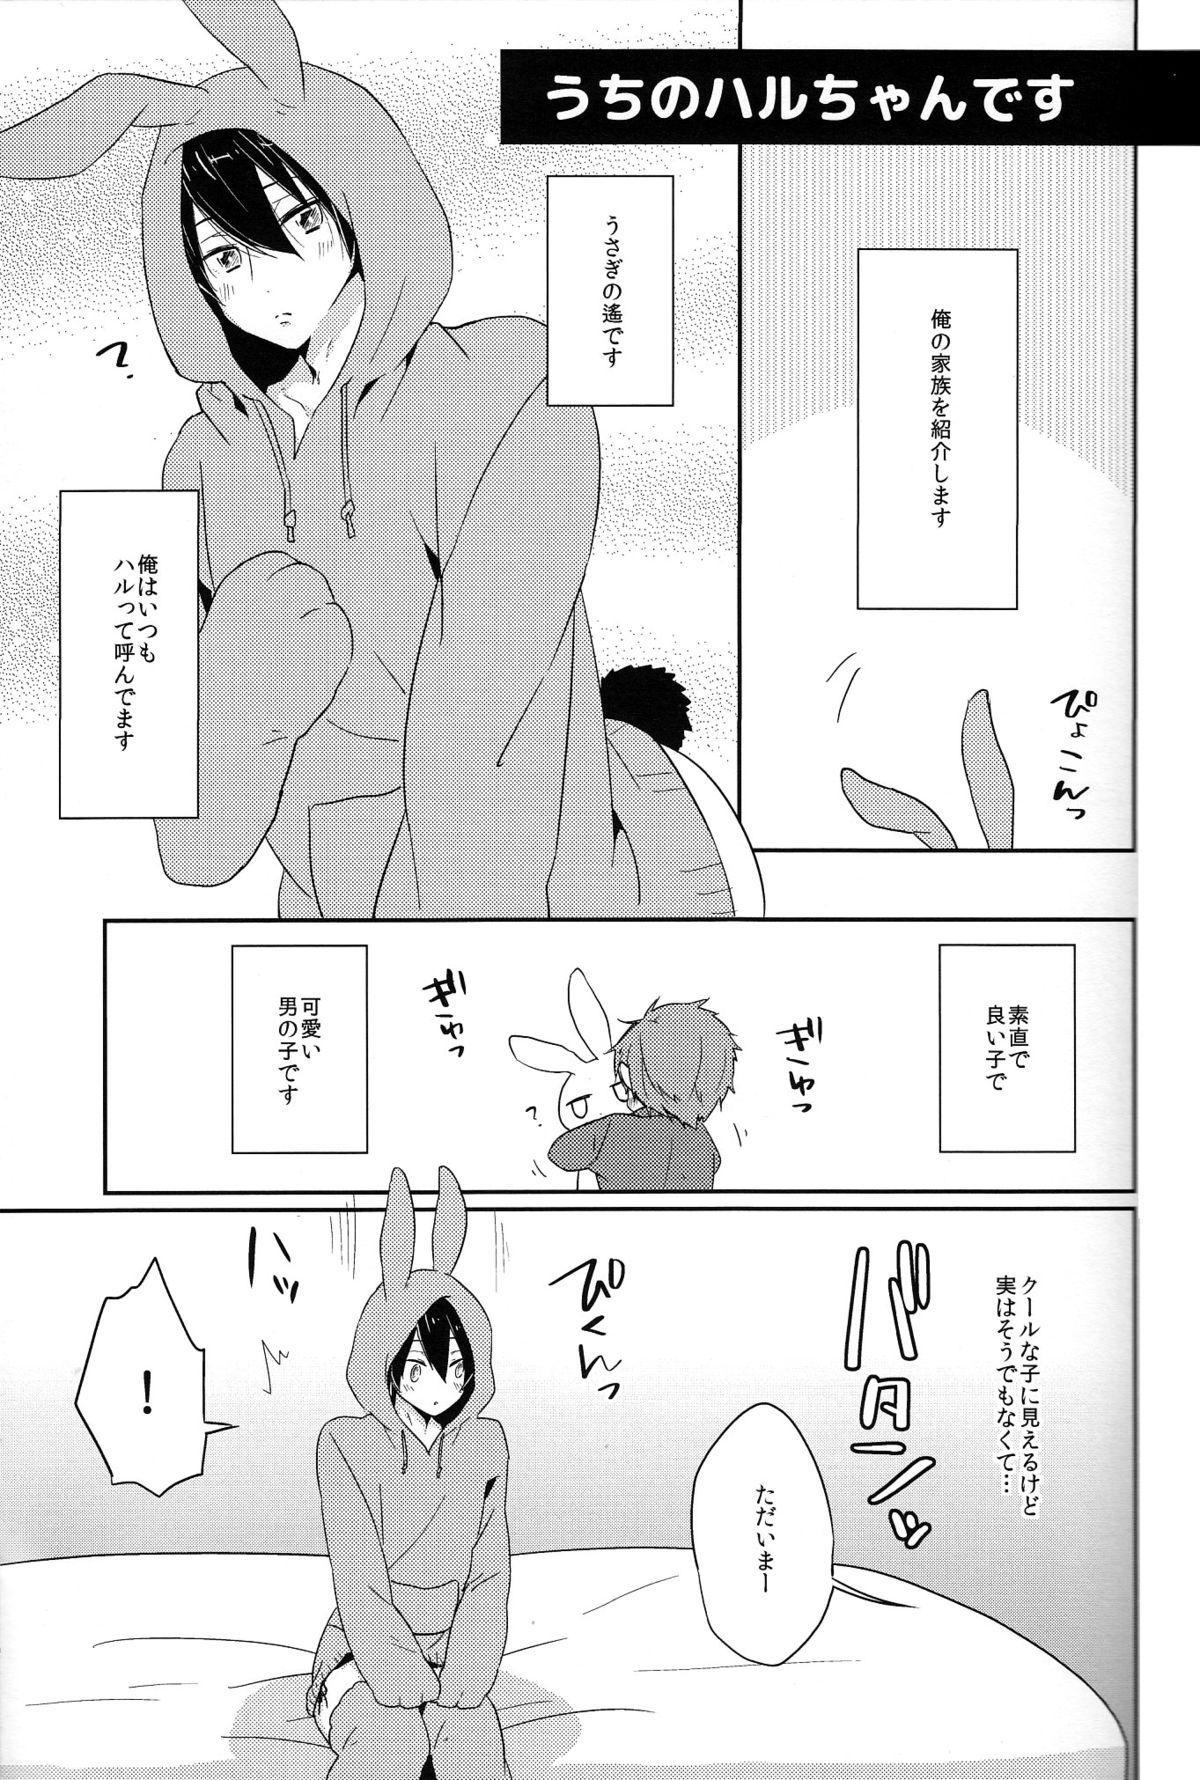 Usa Haru Shiiku Nikki 2